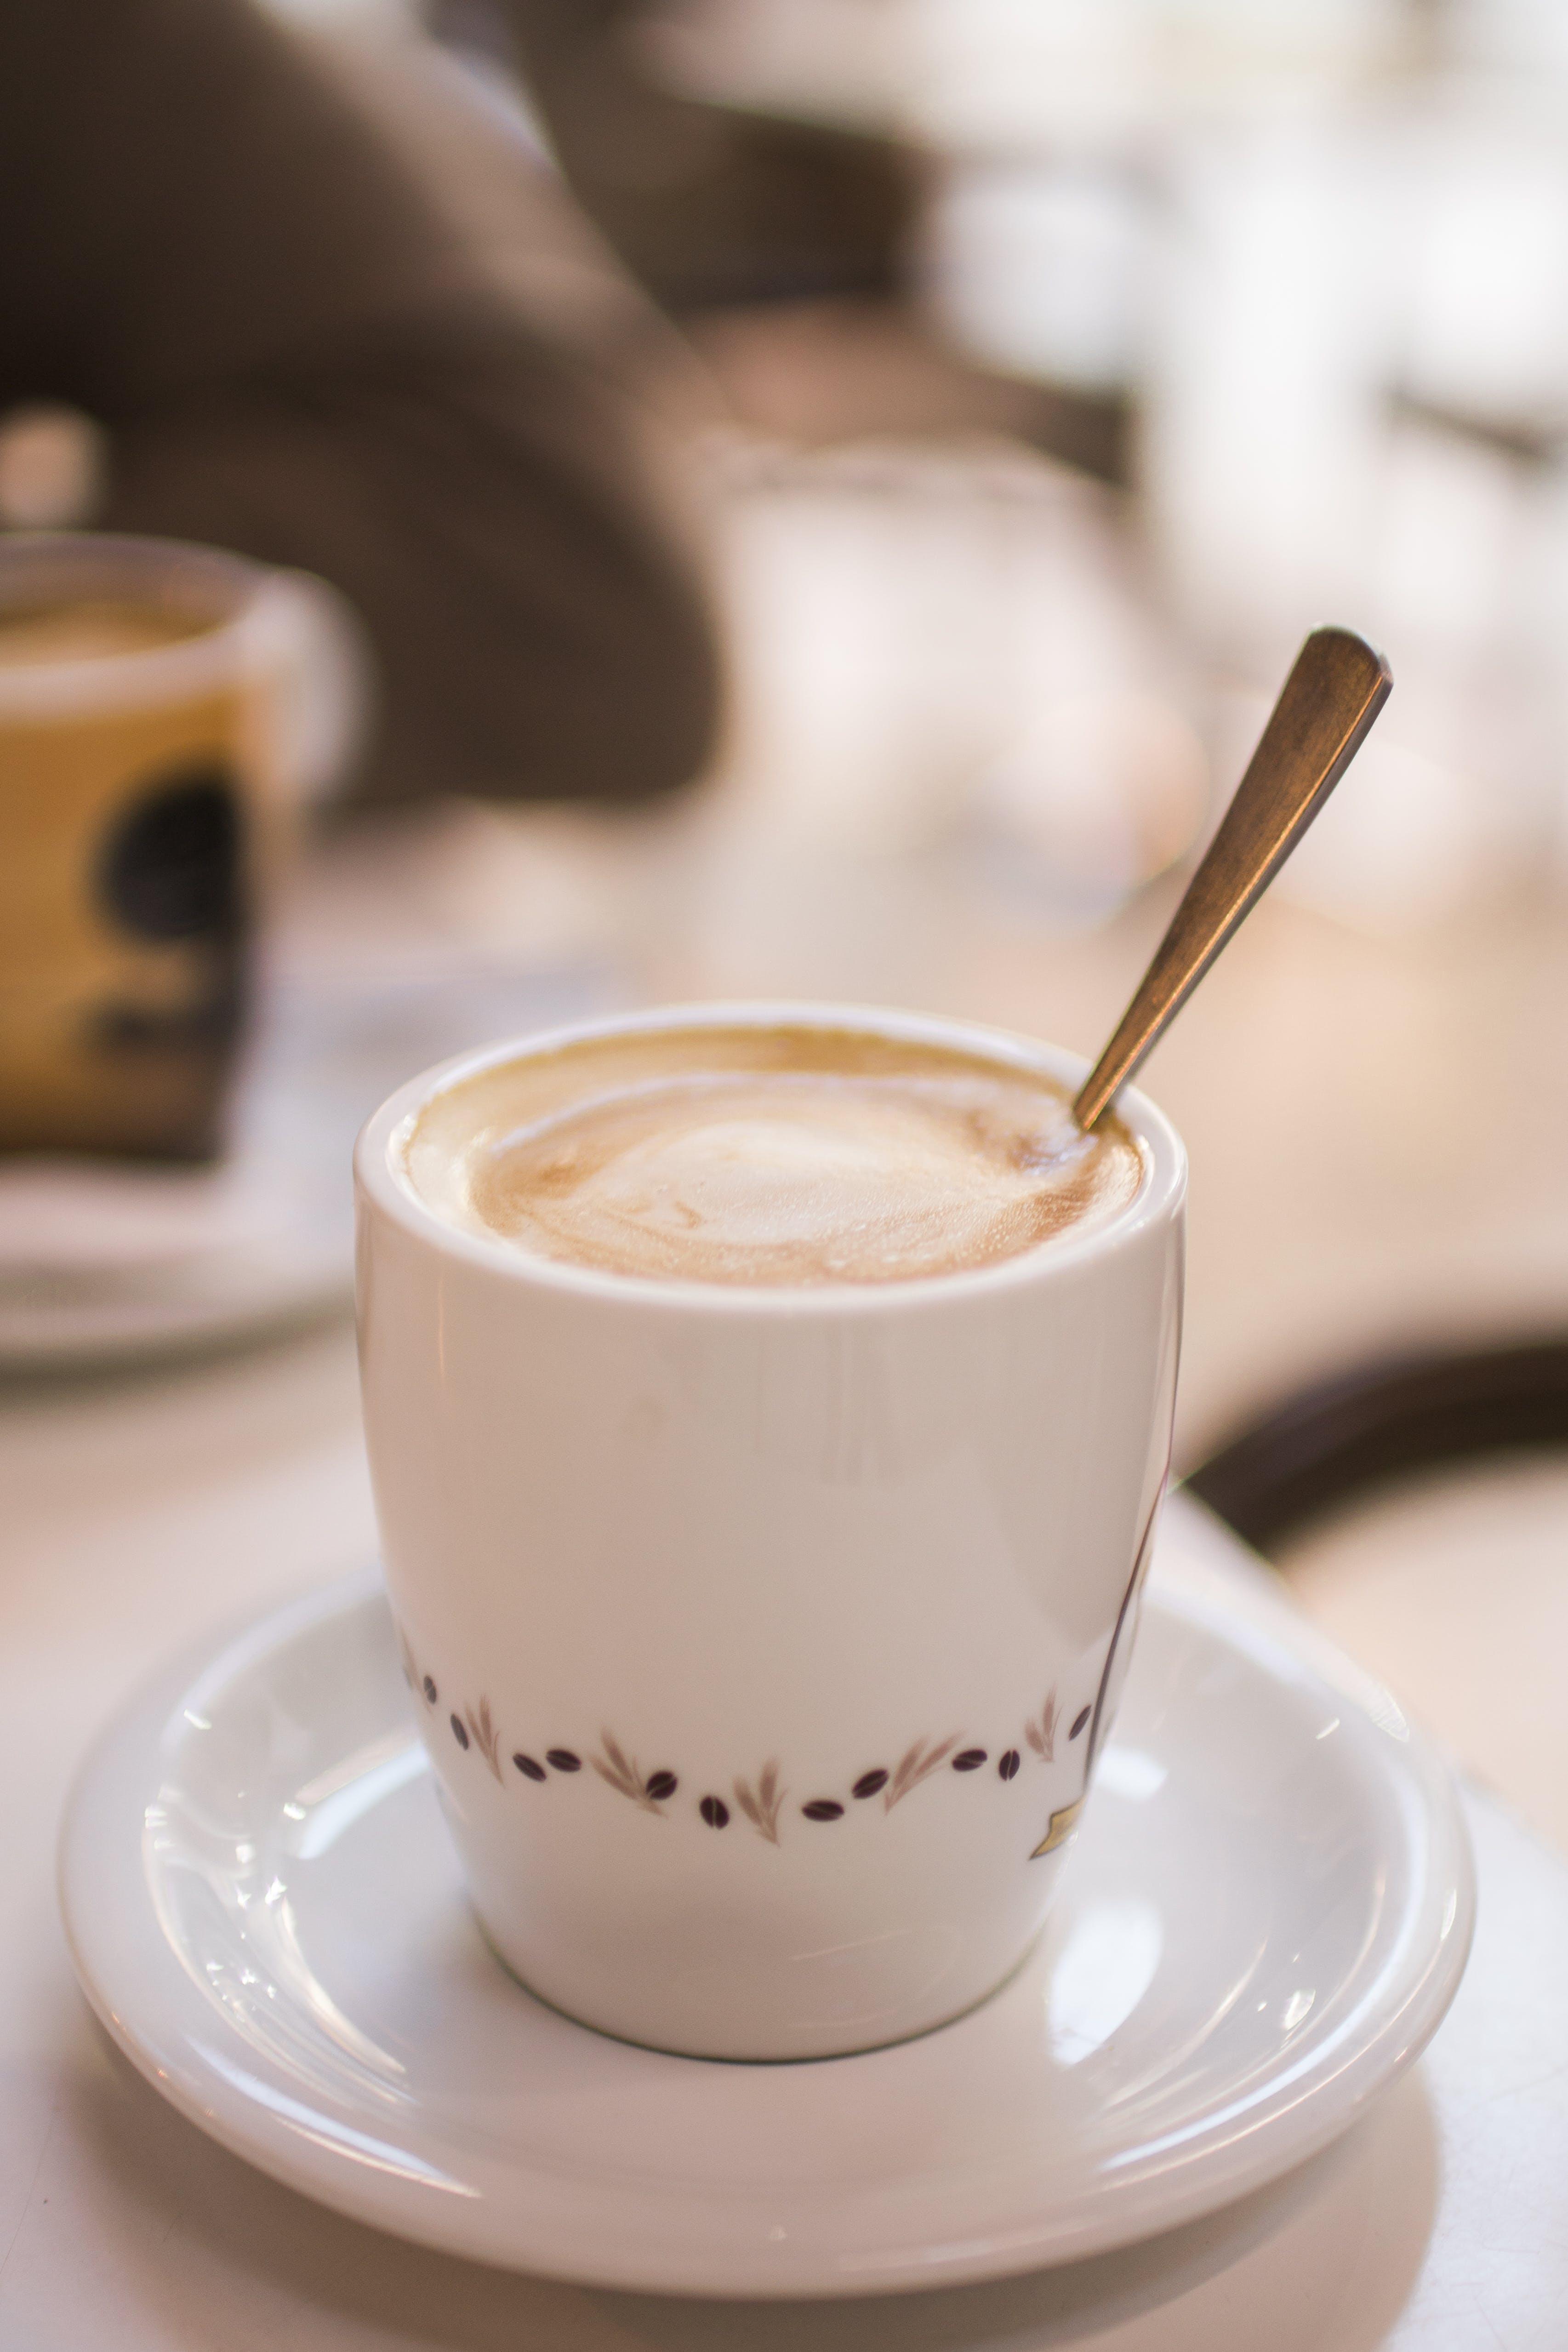 Free stock photo of coffee, cappuccino, café, espresso